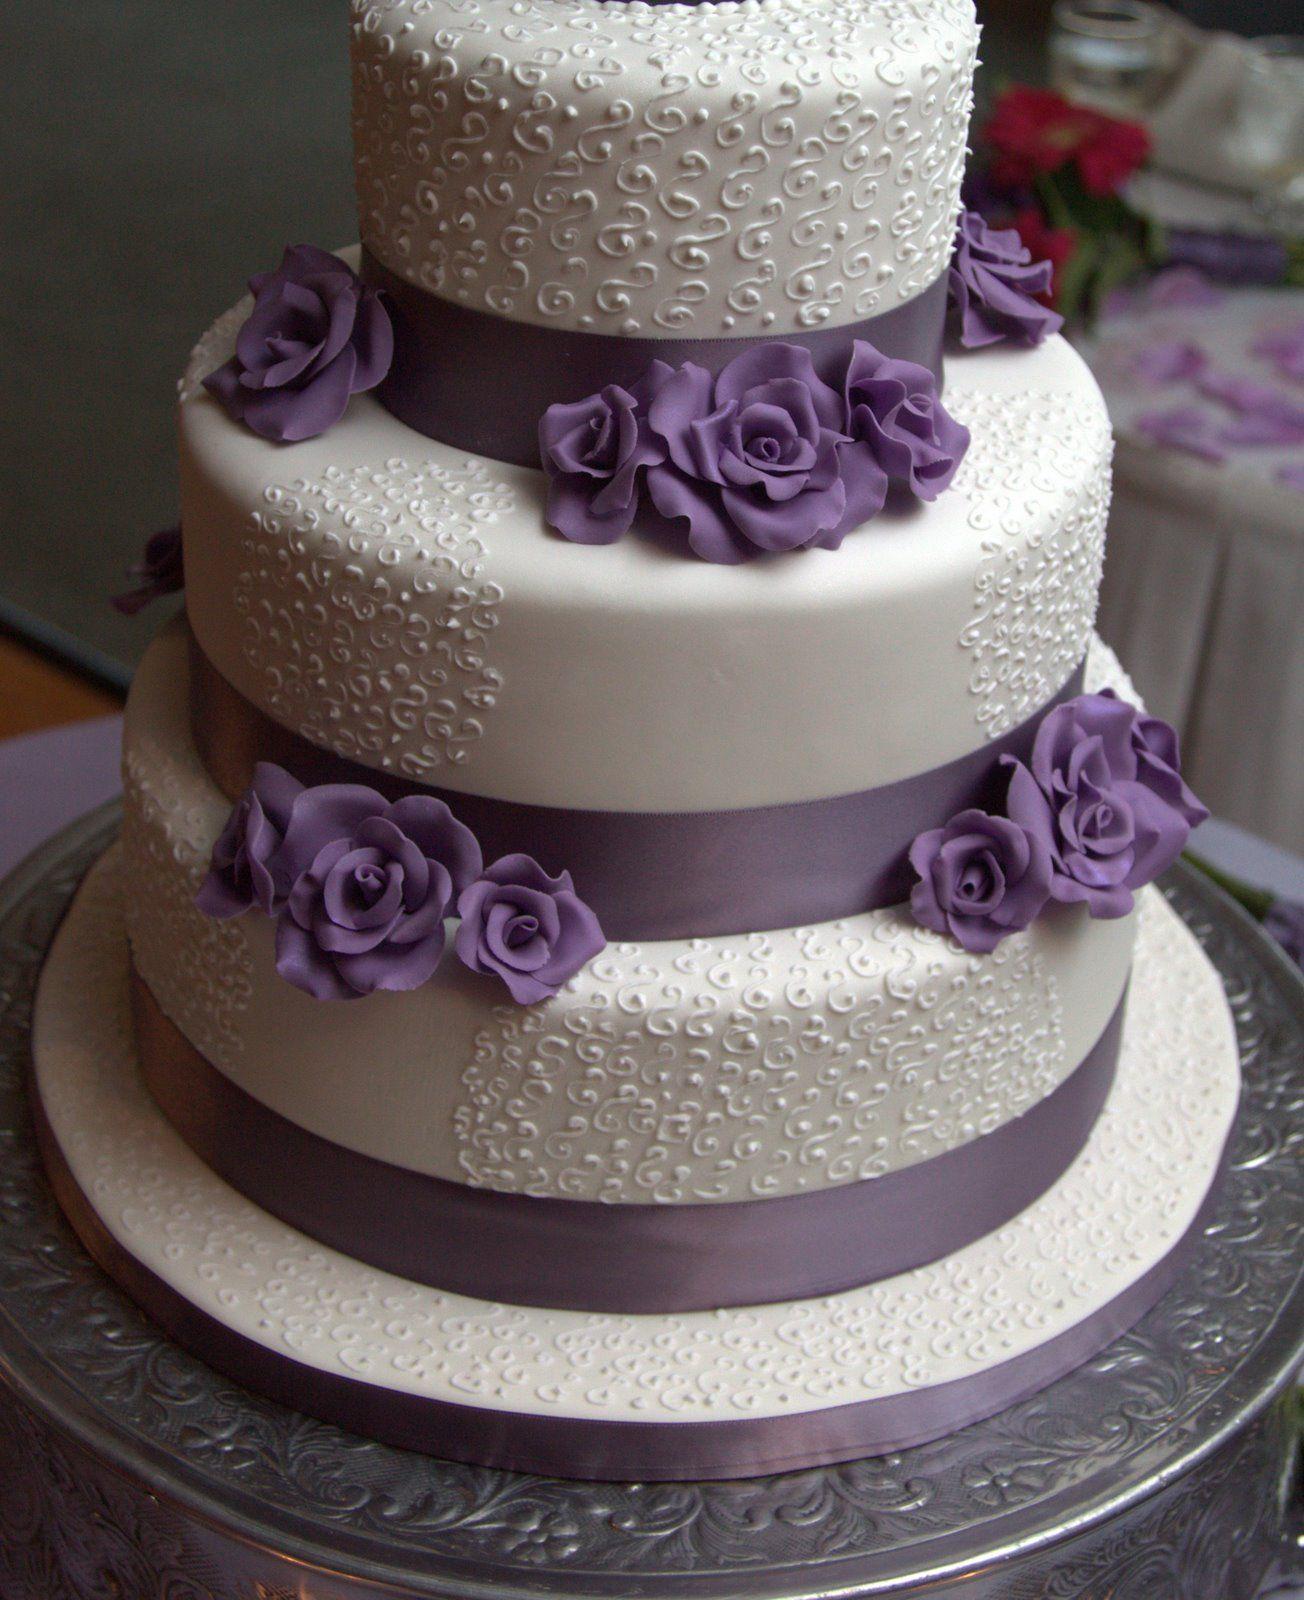 Amazing Cakes: Buttercream Wedding Cakes No Fondant